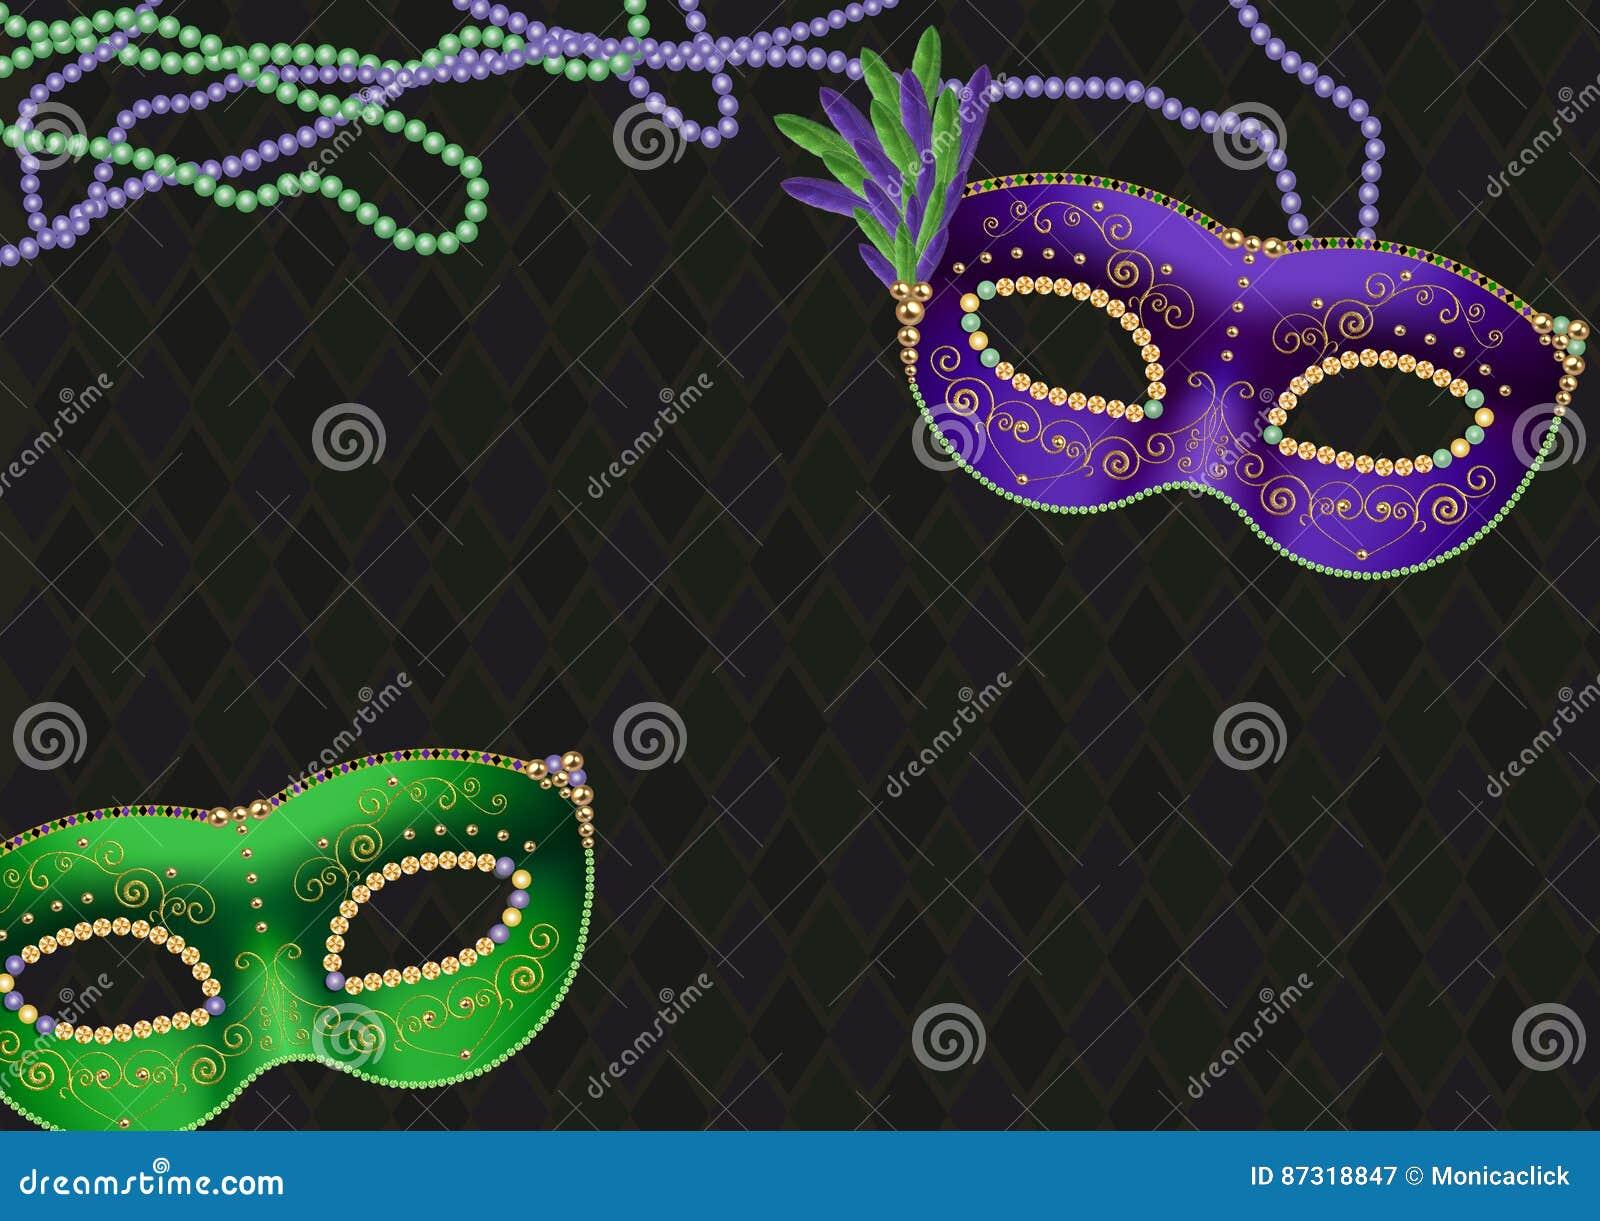 Mardigras, de vette achtergrond van het dinsdagthema, met groene en purpere maskers en parelhalsbanden, exemplaarruimte